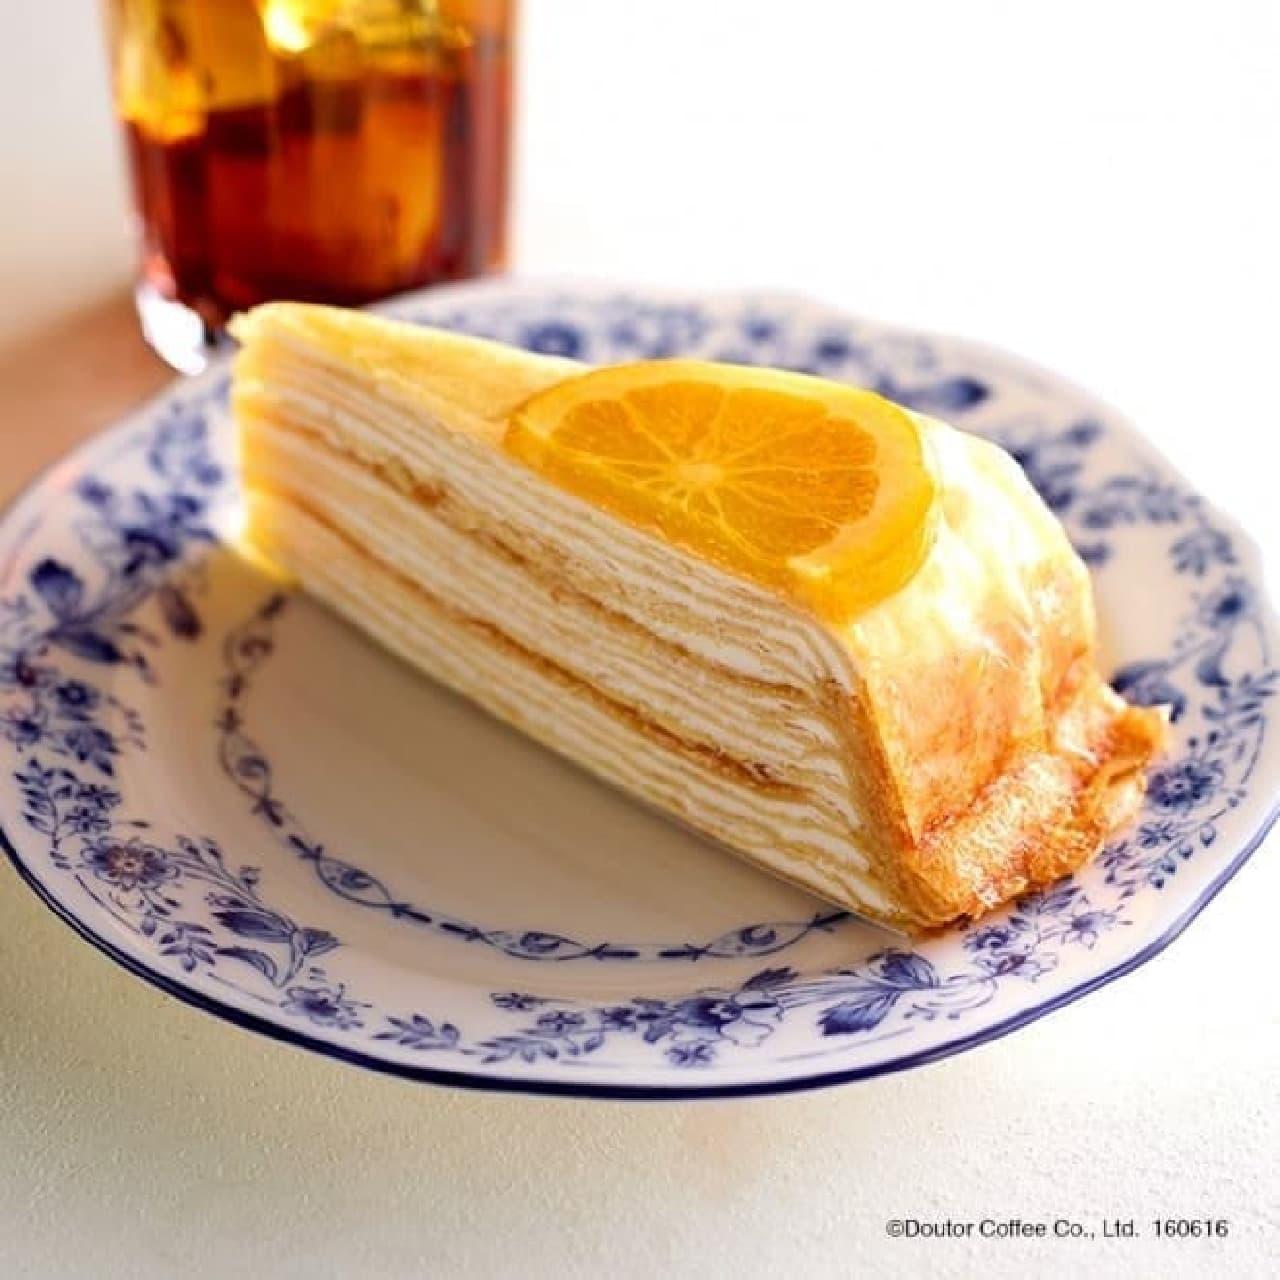 ドトールコーヒー キャラメルオレンジミルクレープ